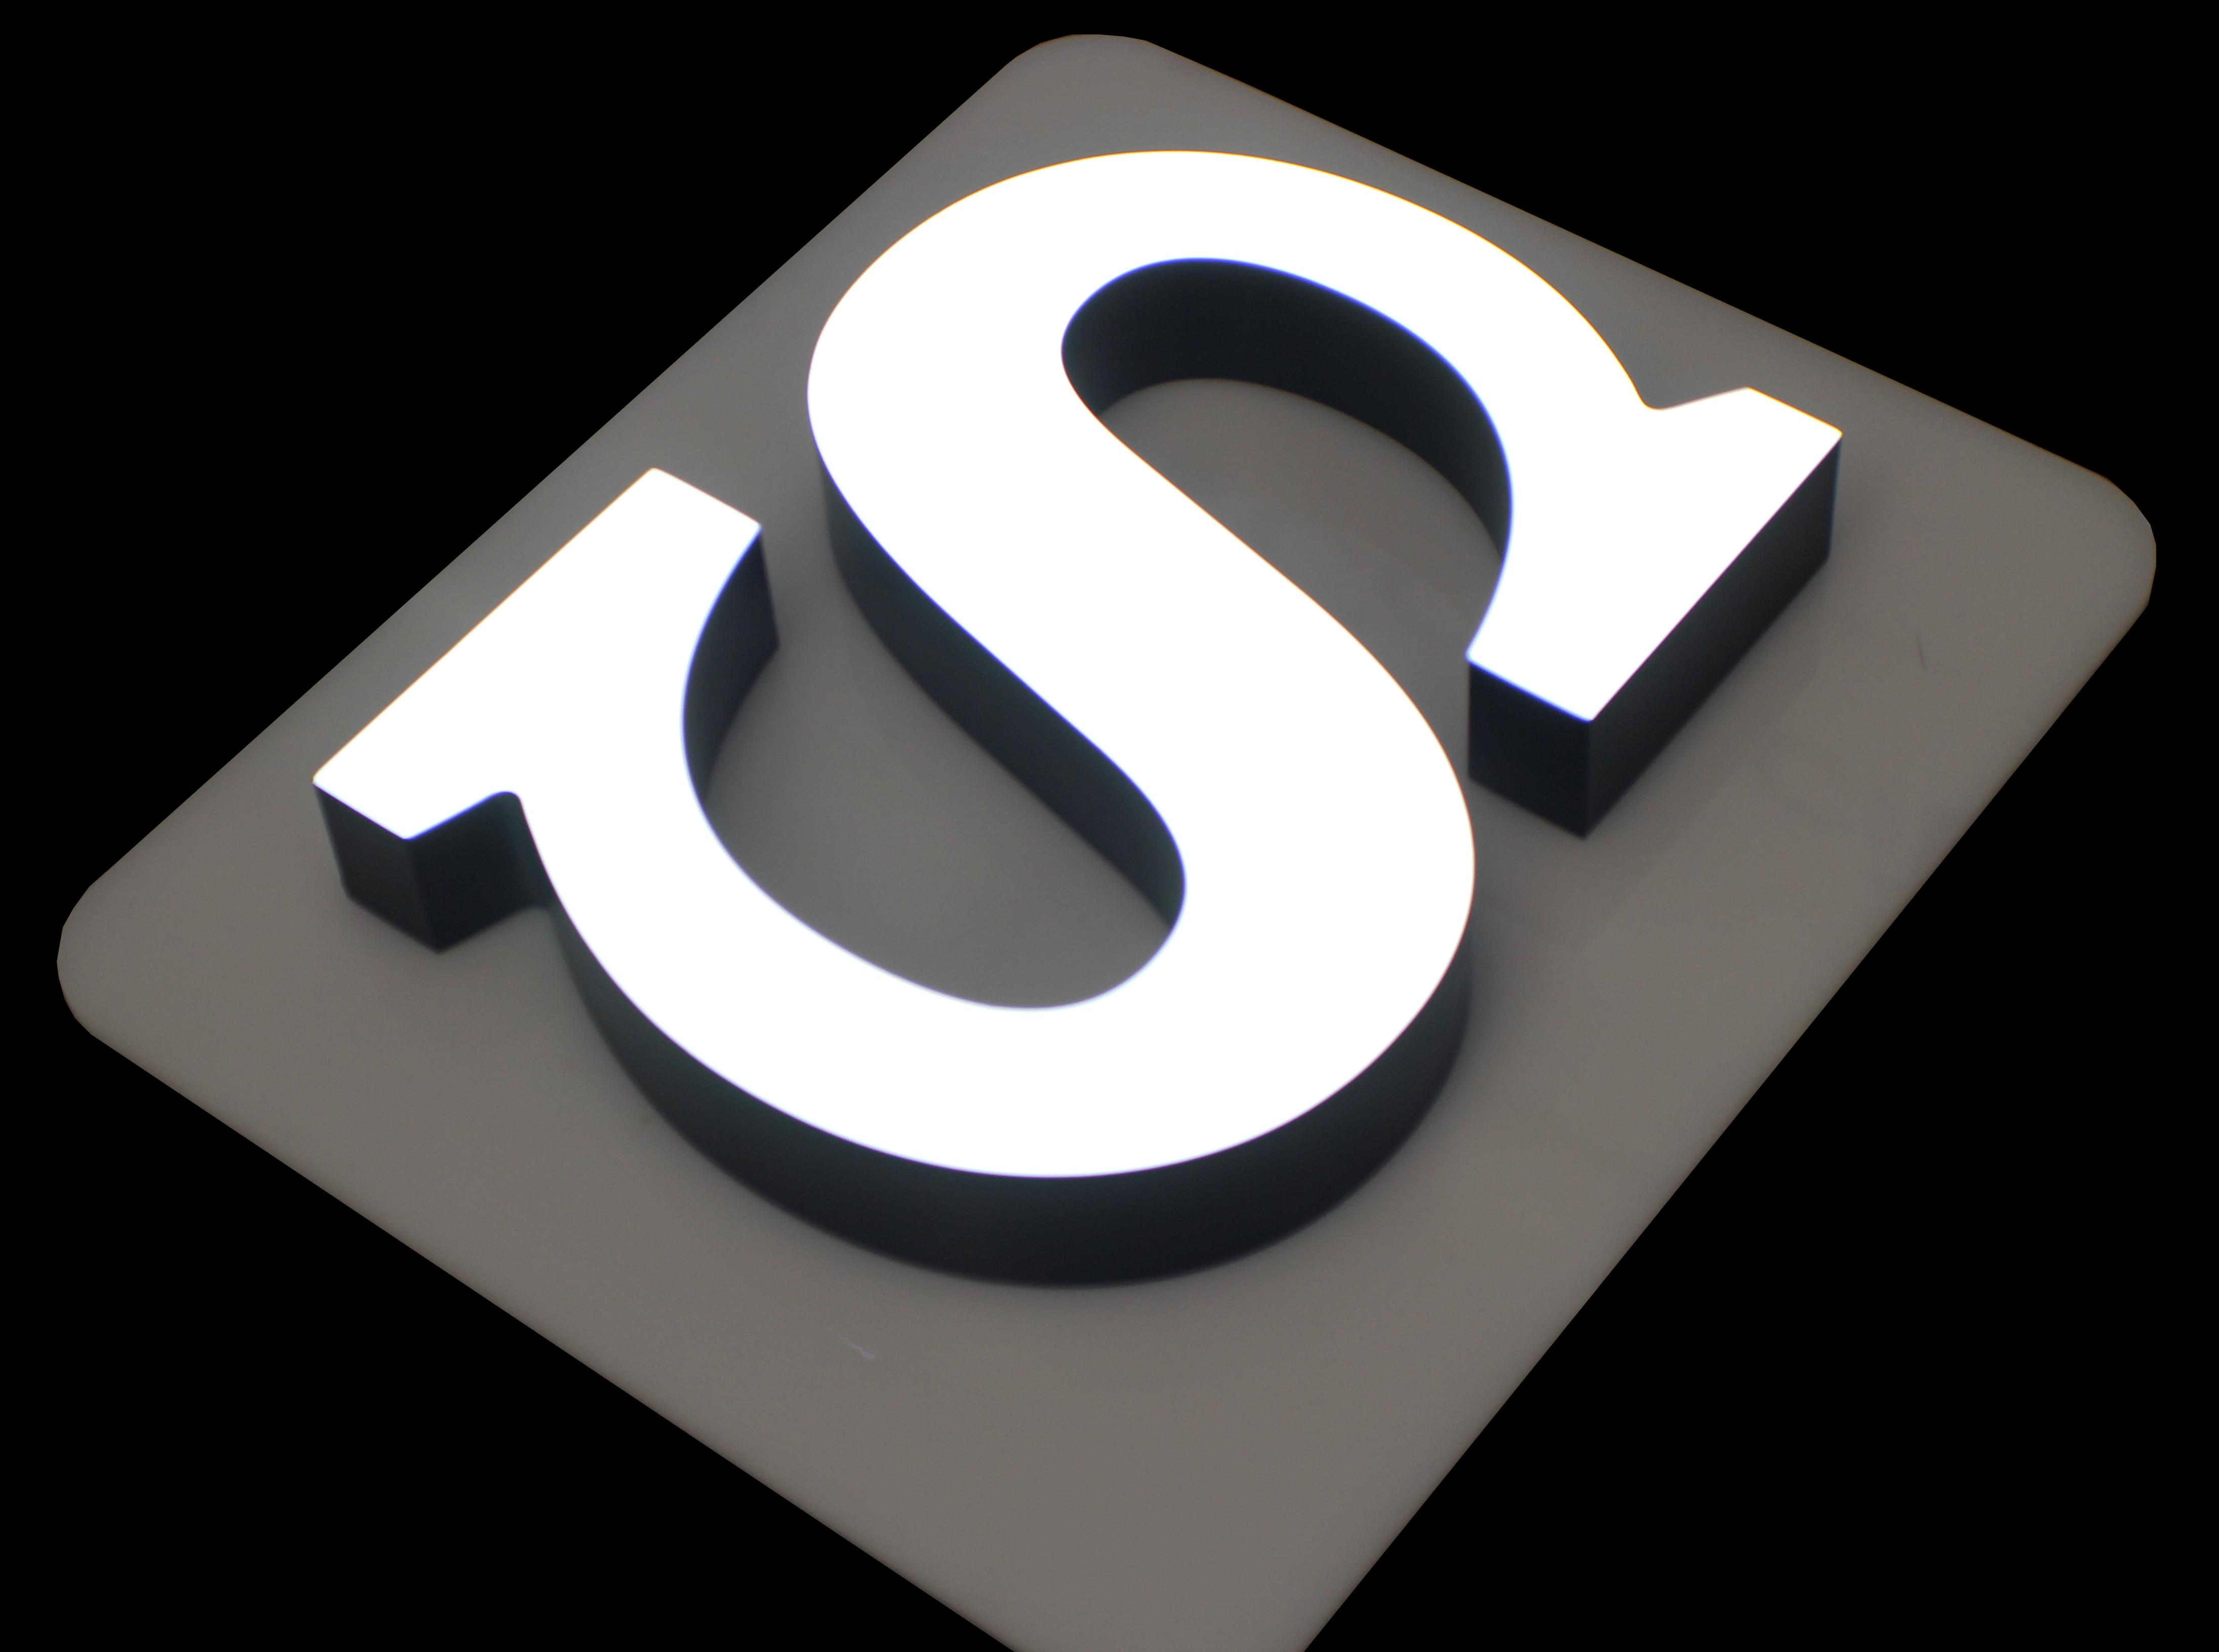 Объемные буквы - популярный способ представить бренд